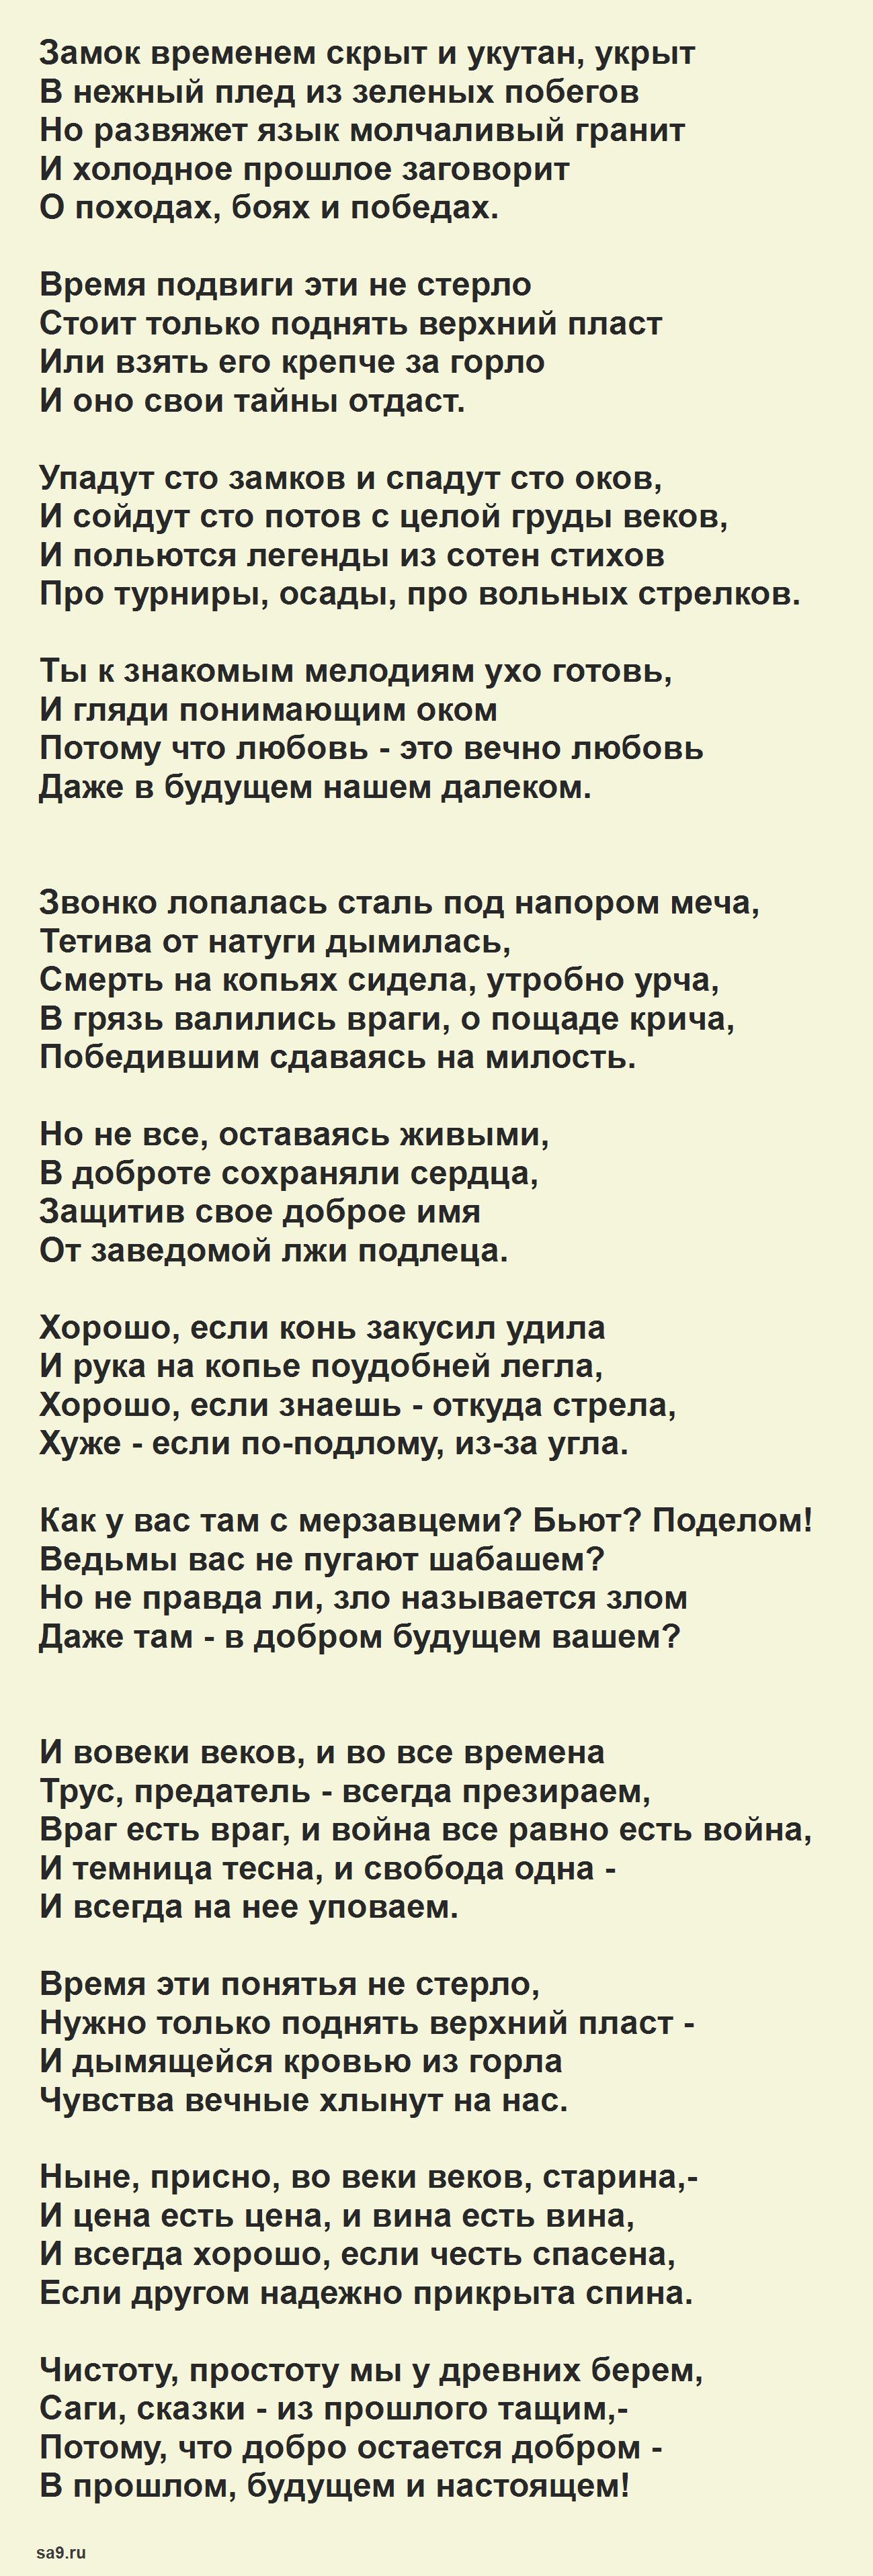 Песня - Баллада о времени, Владимир Высоцкий